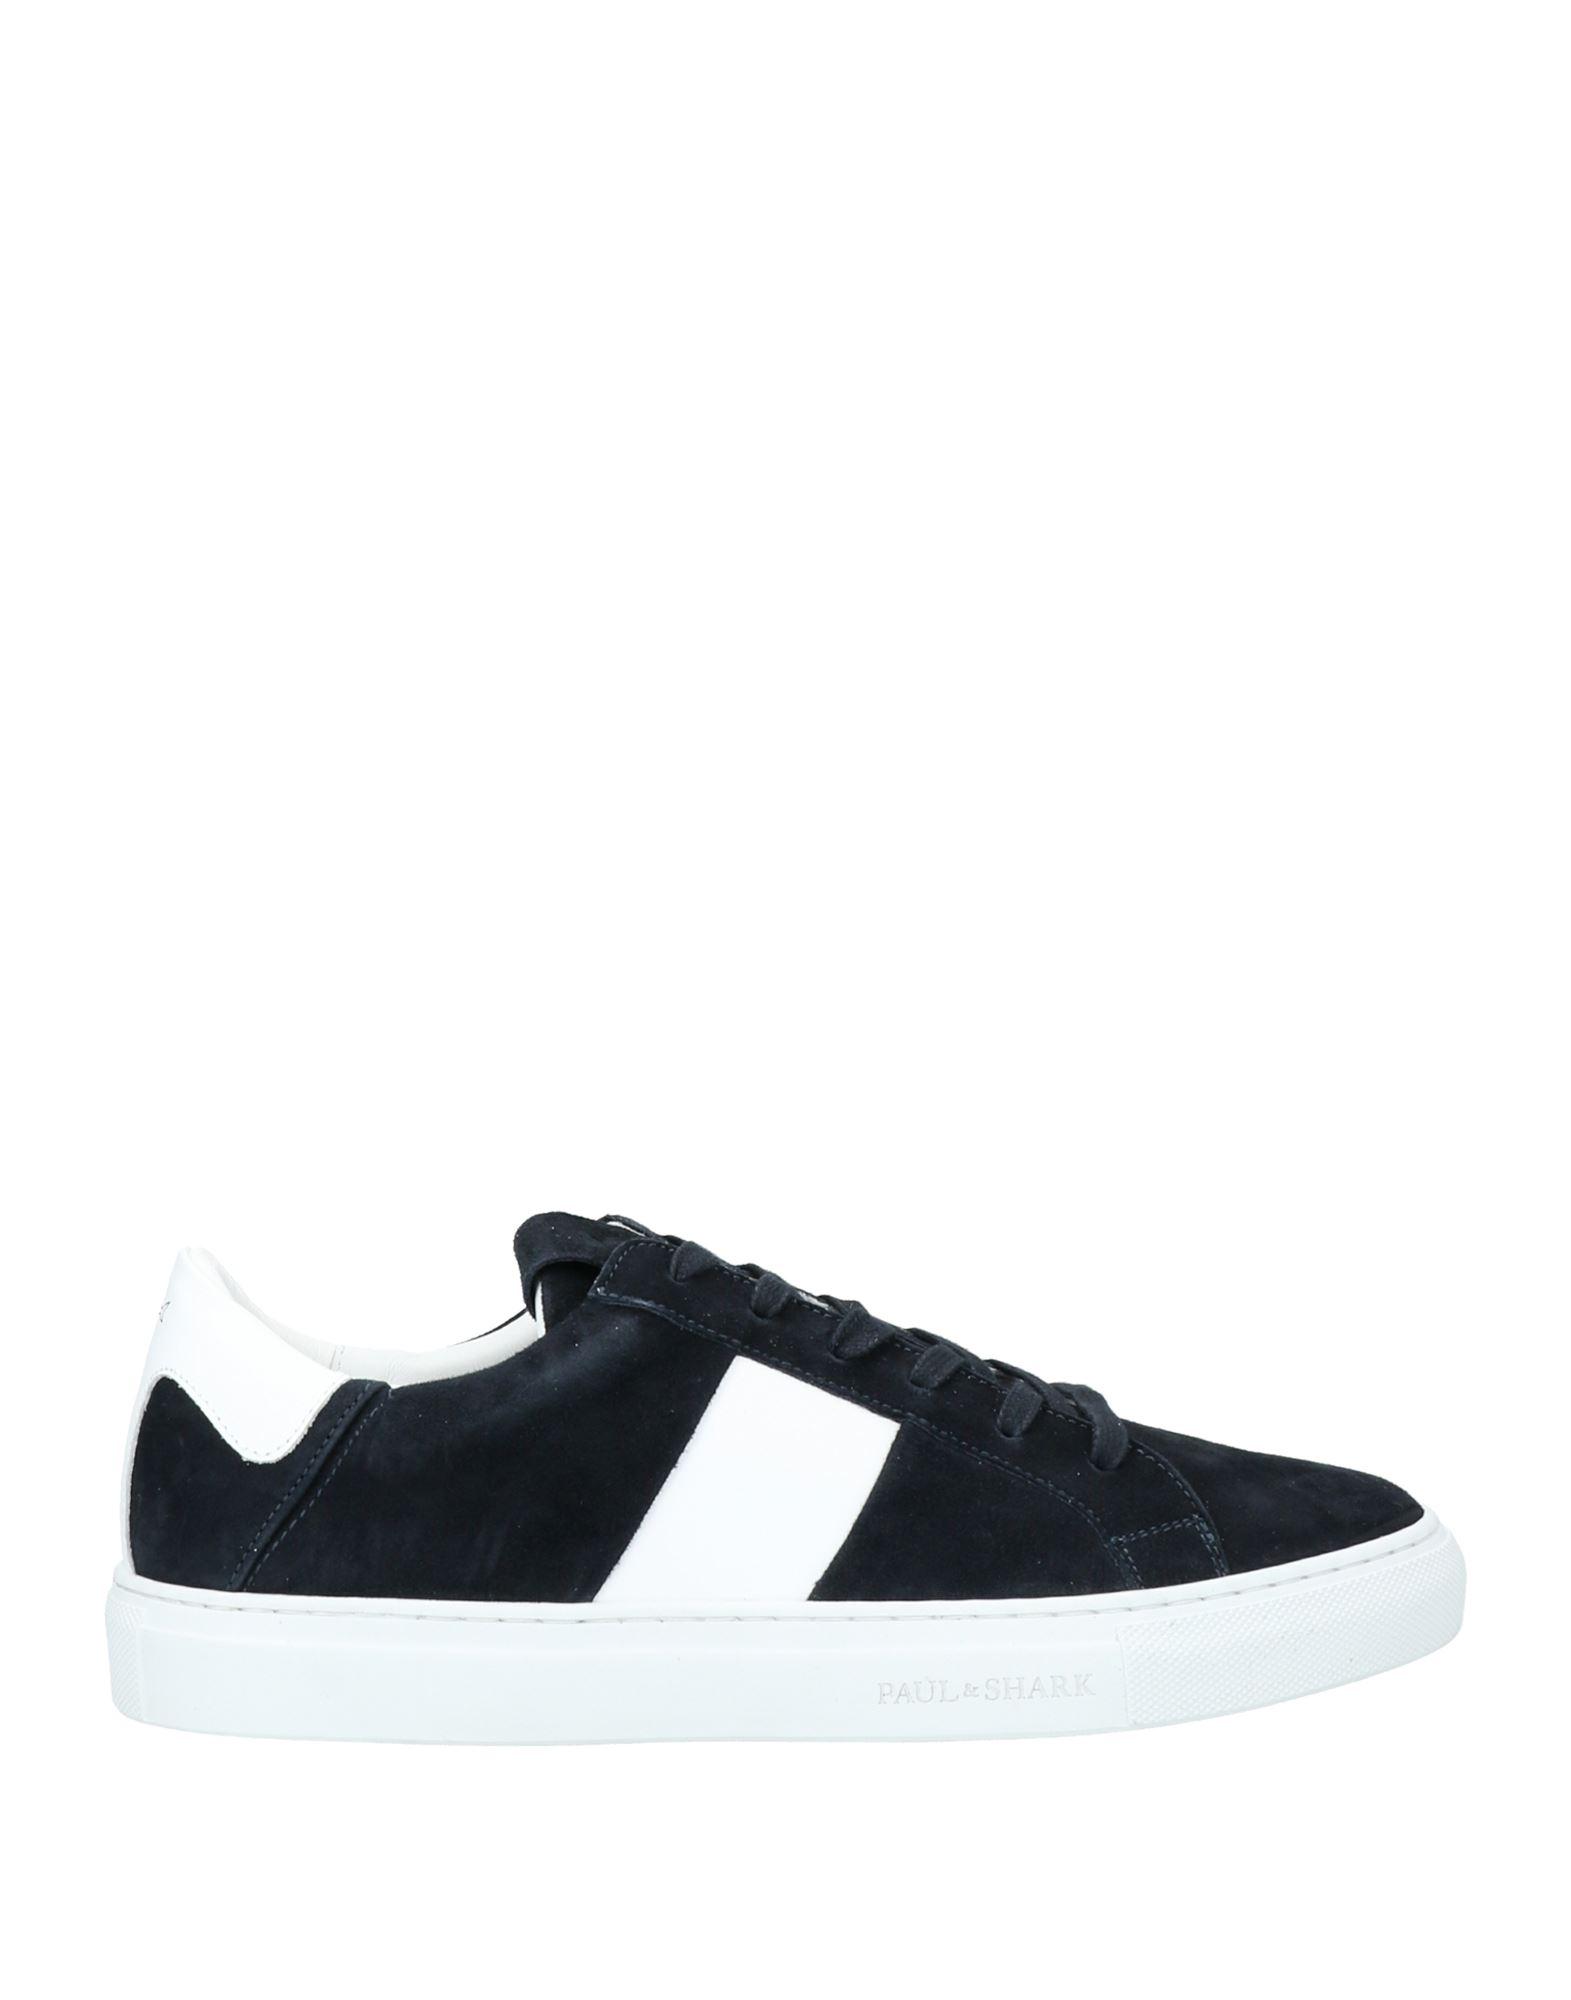 PAUL & SHARK Low-tops & sneakers - Item 11990083